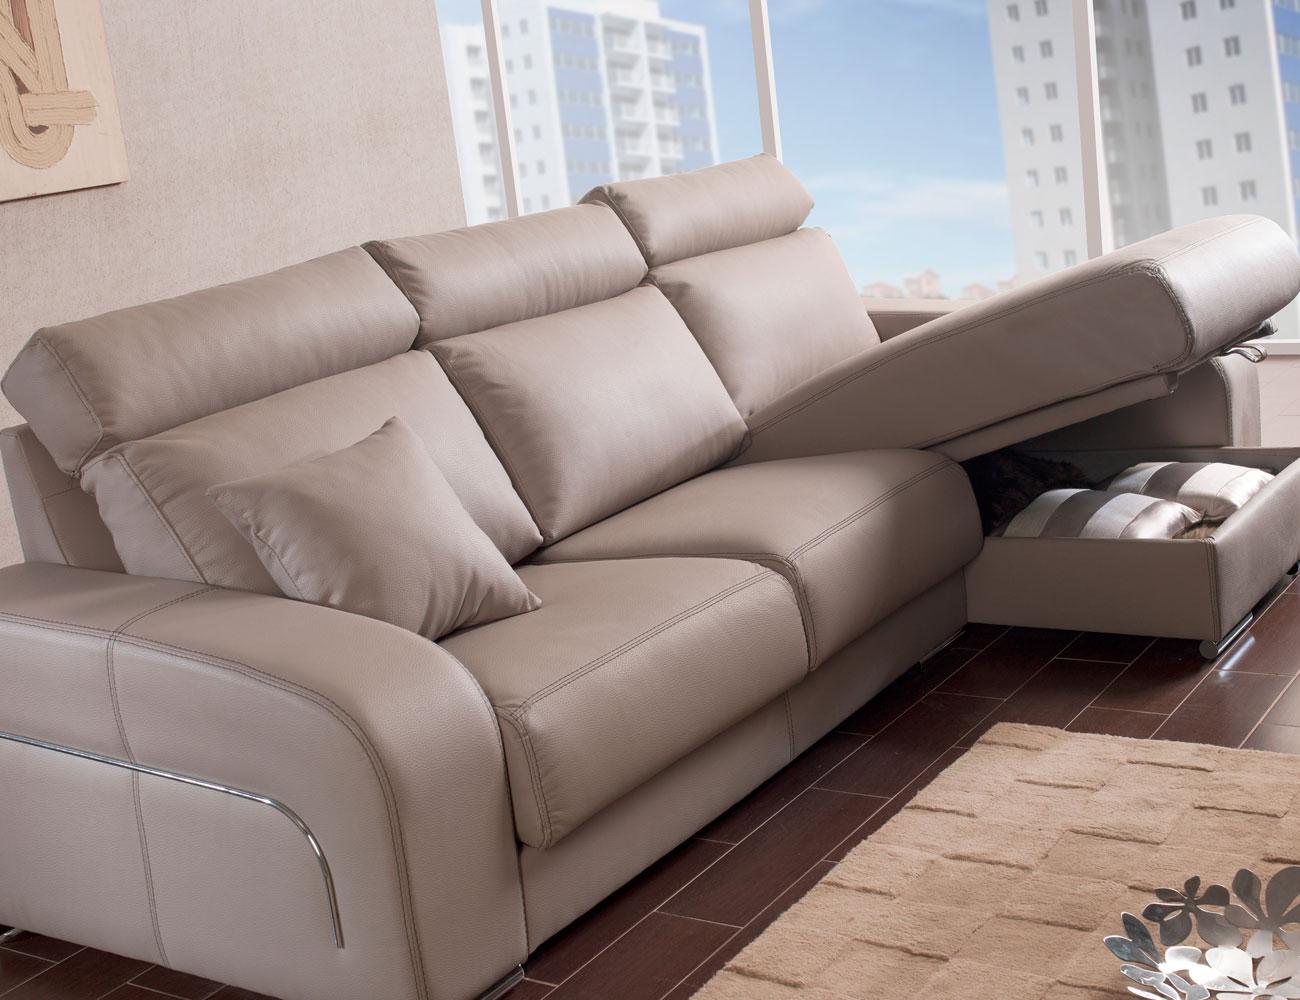 Sofa chaiselongue moderno pared cero arcon33